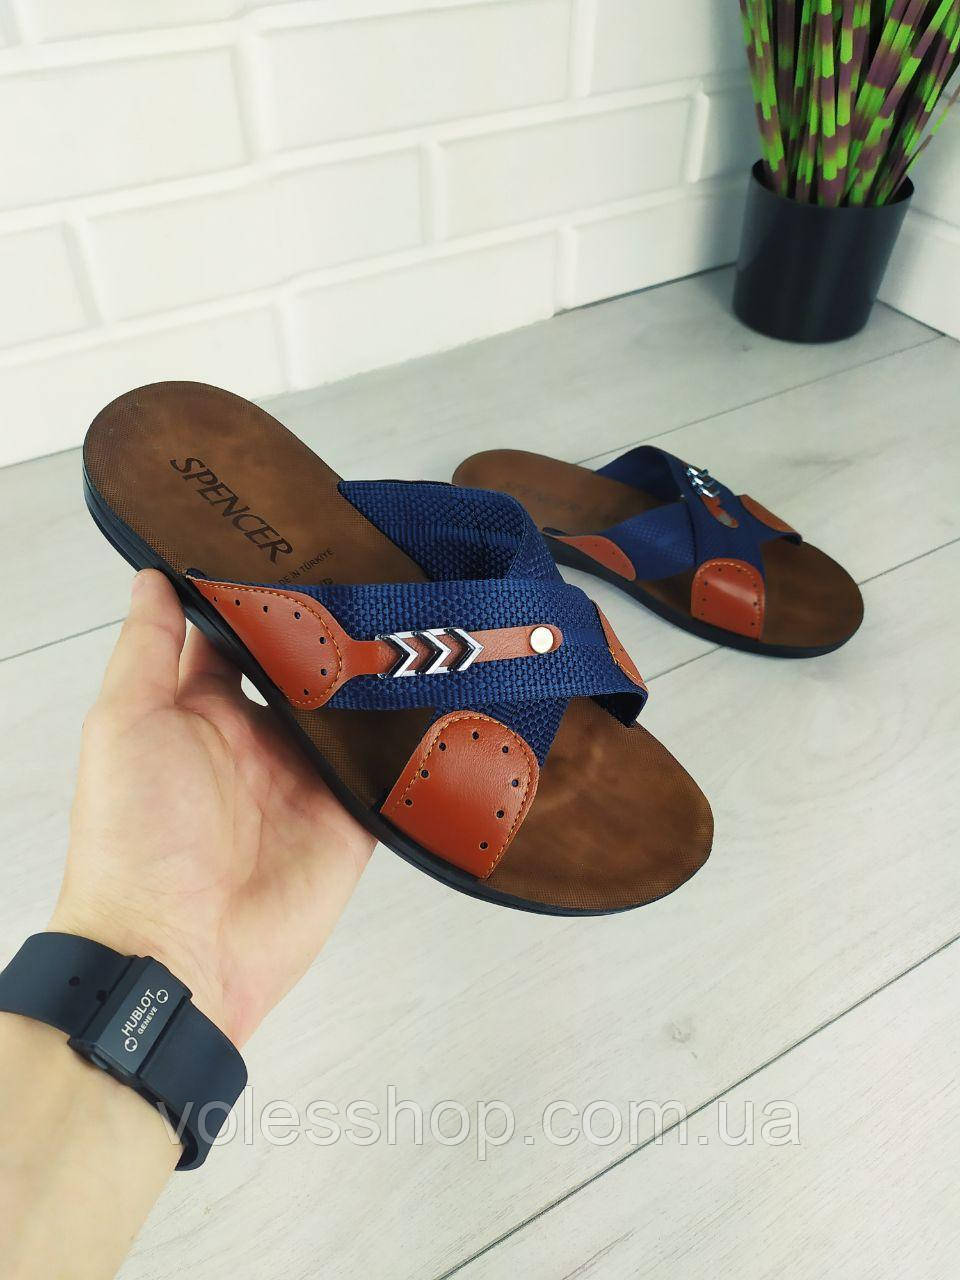 Шлепанцы мужские, синие текстильные, шлепки мужские, тапочки мужские, вьетнамки мужские, обувь летняя